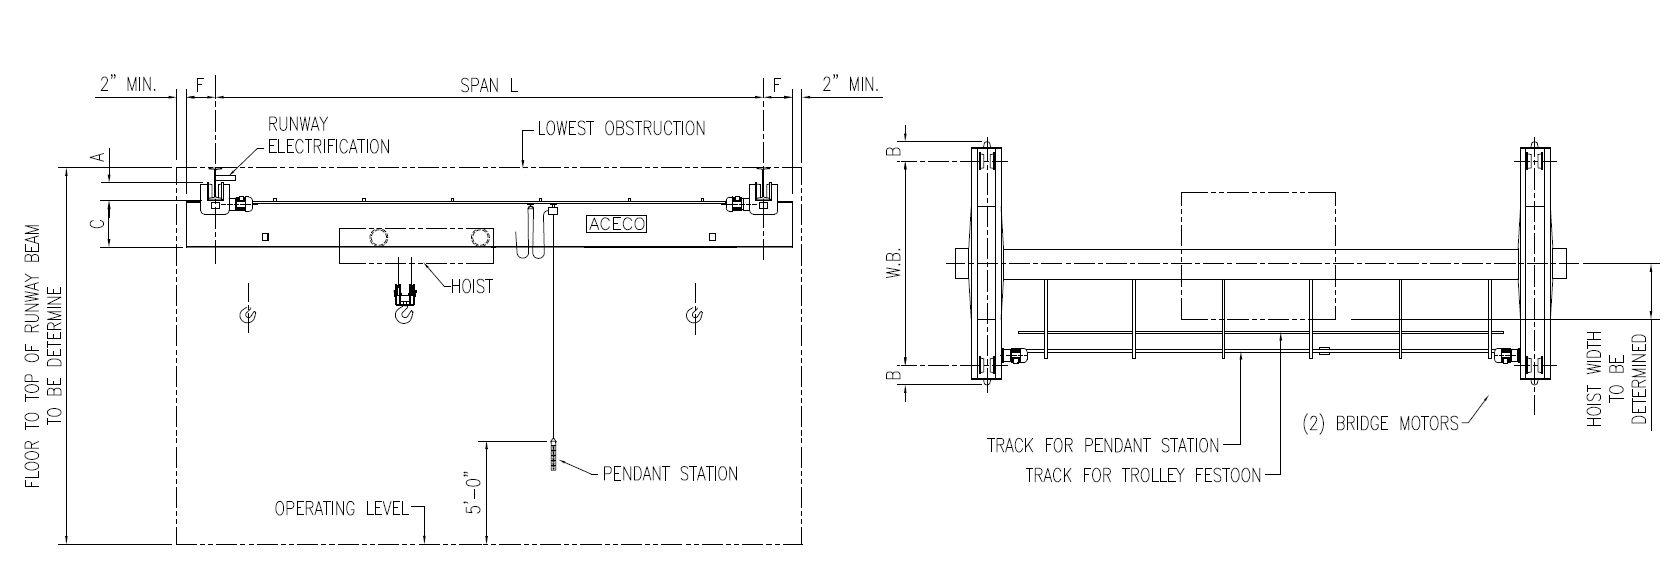 American Crane 75 Ton Under Running Single Girder Cranes With Schematic Cad Image Ursg 204181402